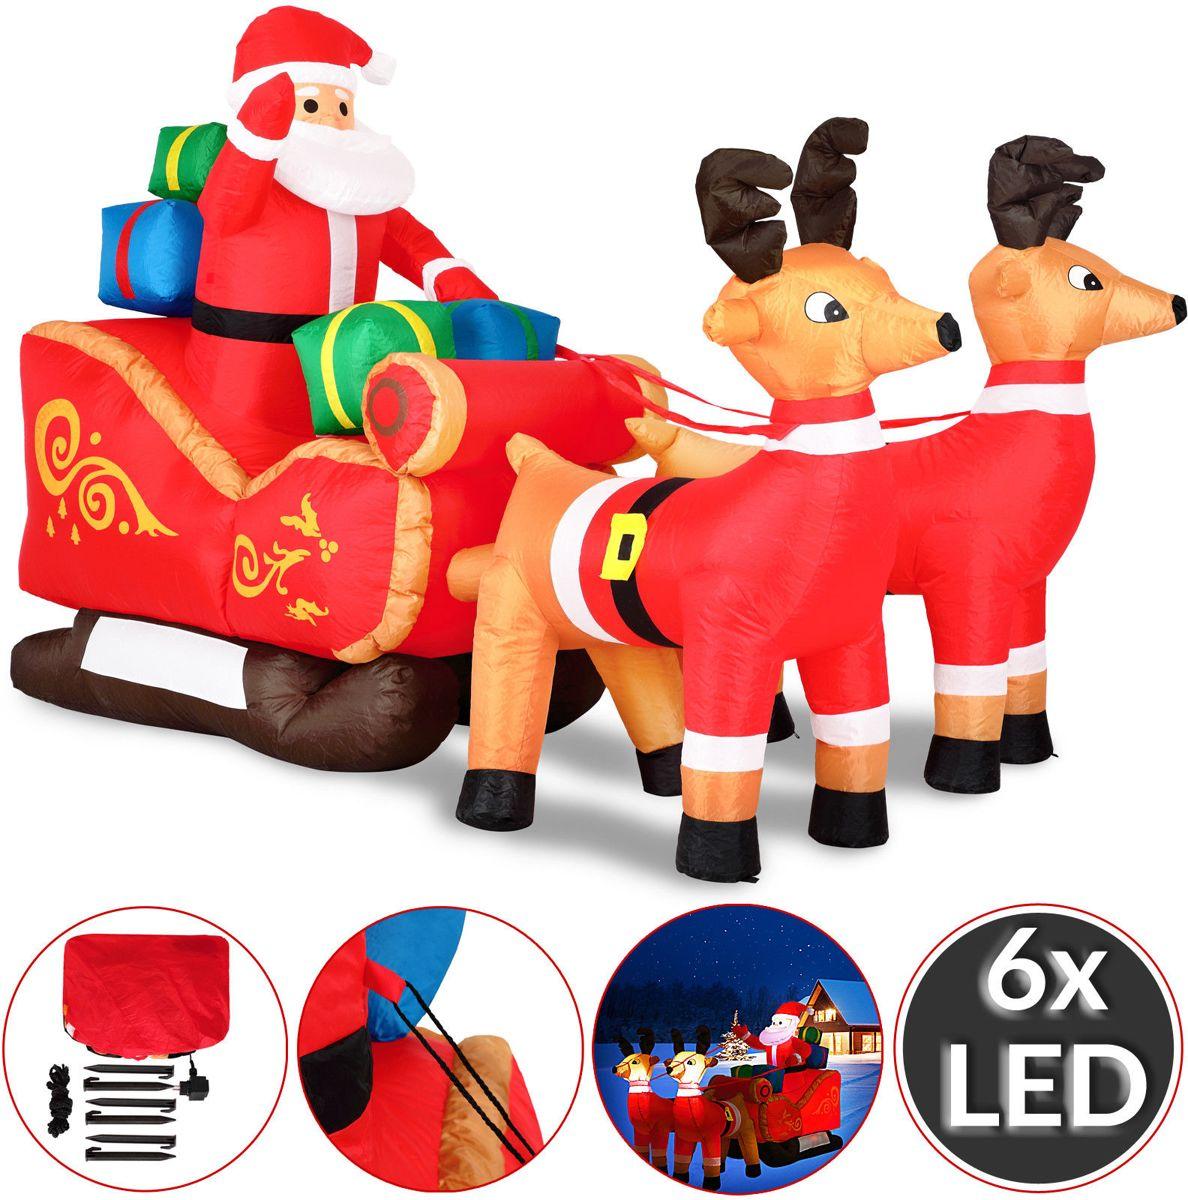 Grote opblaasbare kerstman met arreslee, voor binnen en buiten, met LED verlichting kopen